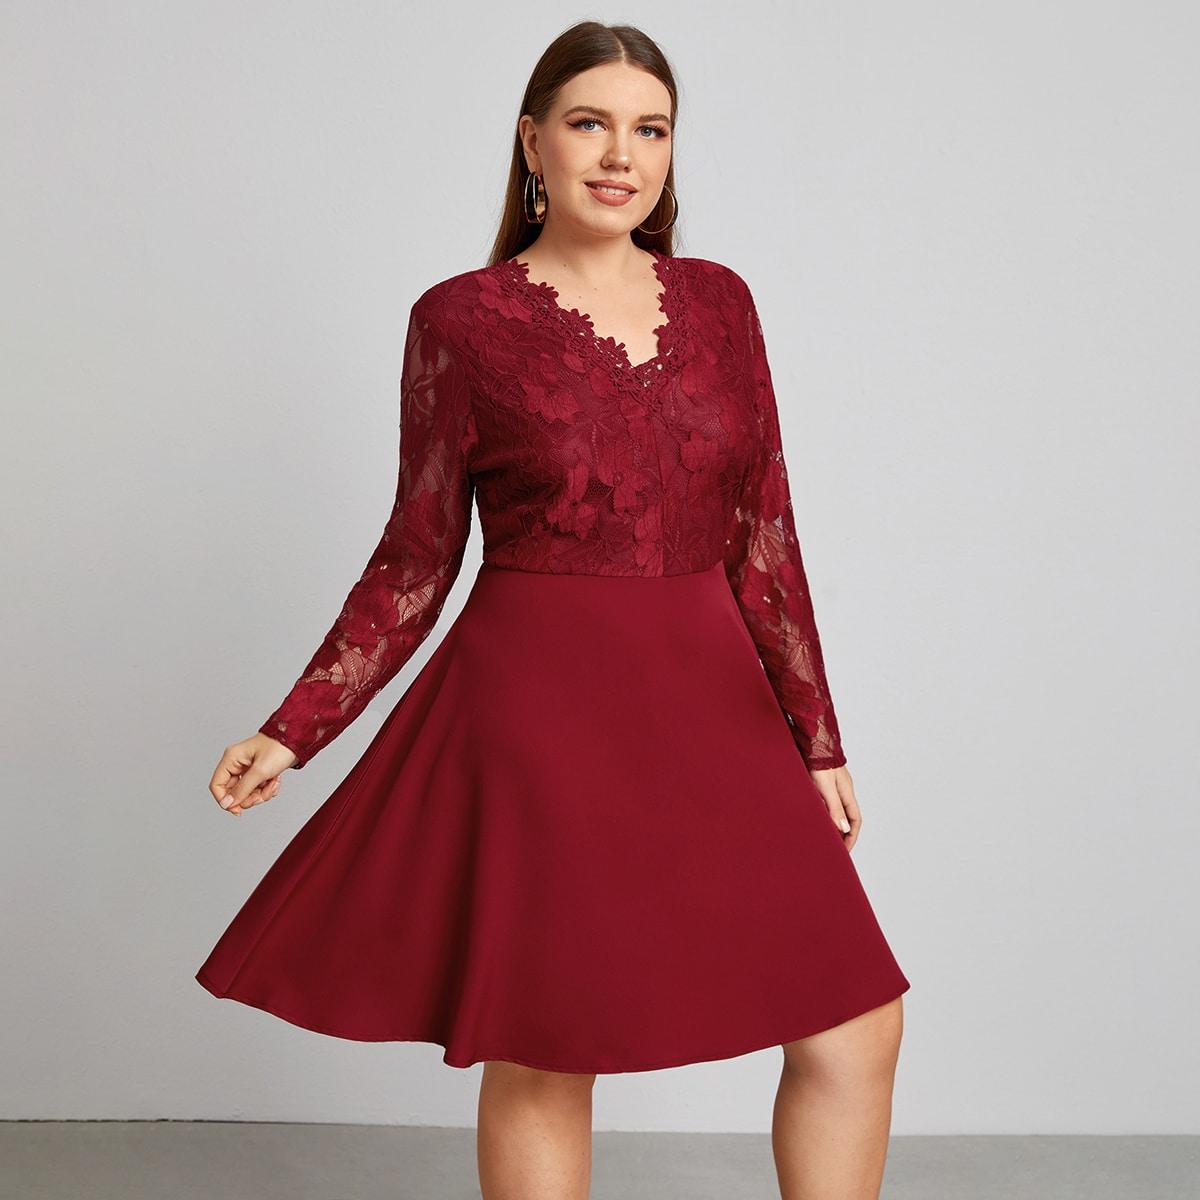 Платье размера плюс с v-образным воротником и кружевом